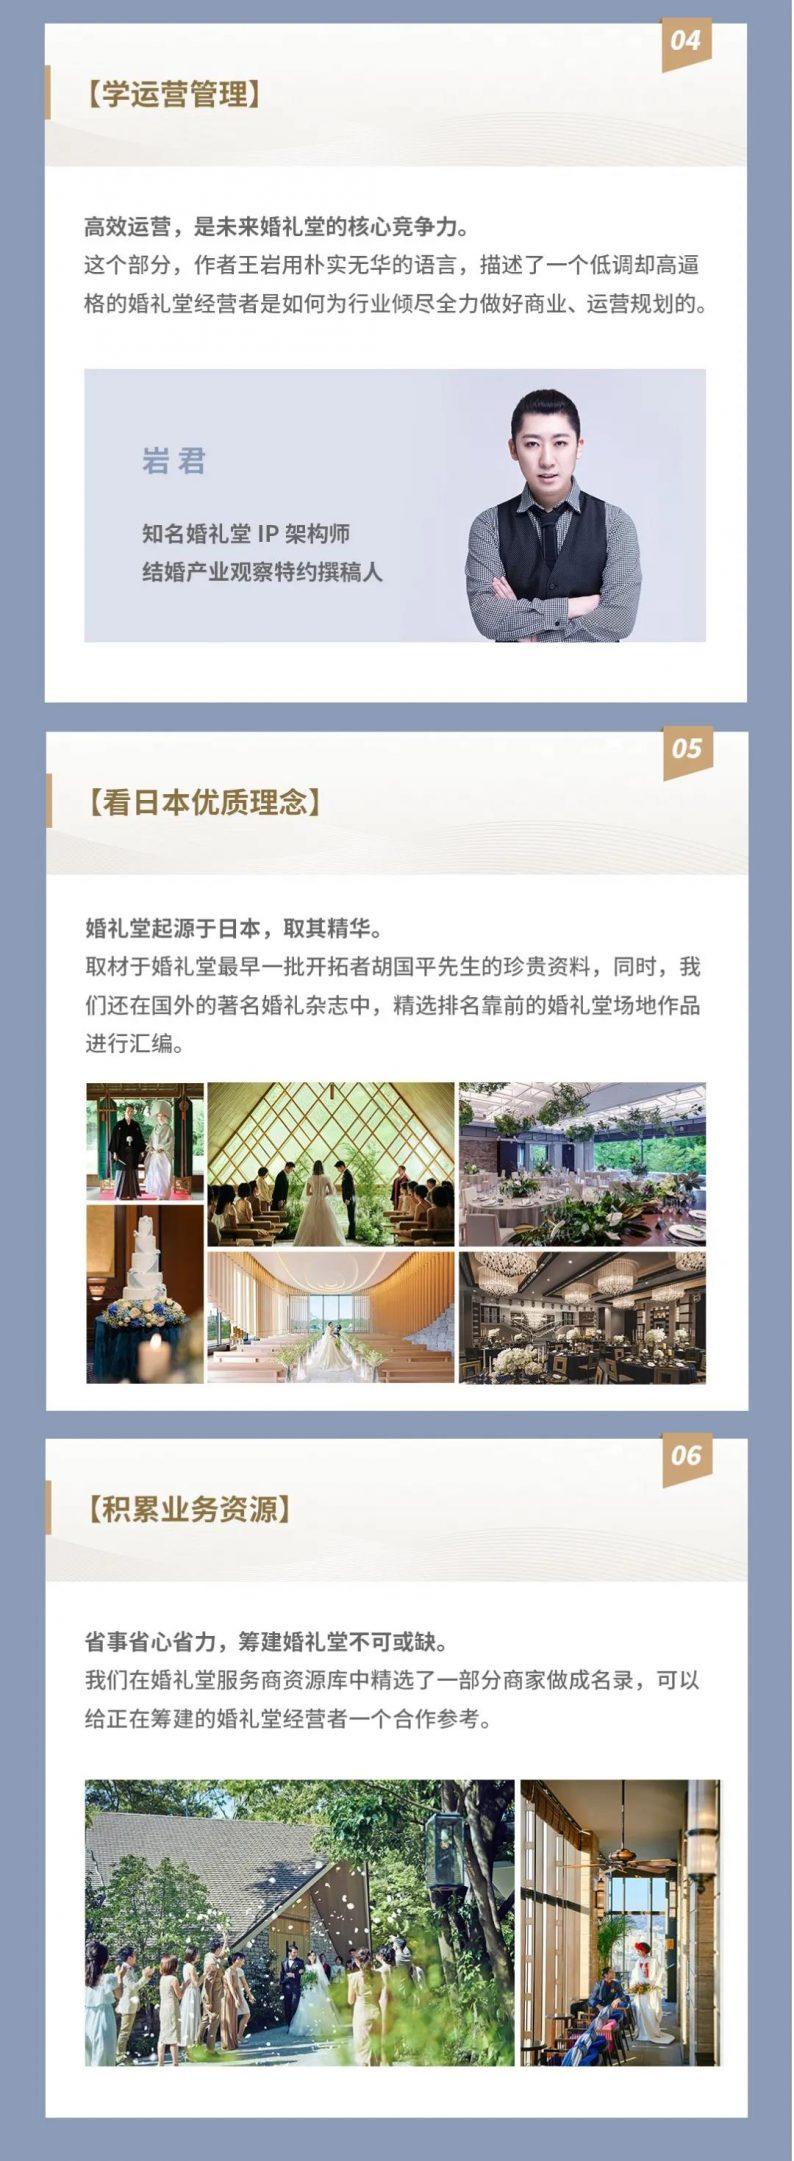 婚礼堂必备!《2020中国婚礼堂年鉴》首发预售  第6张